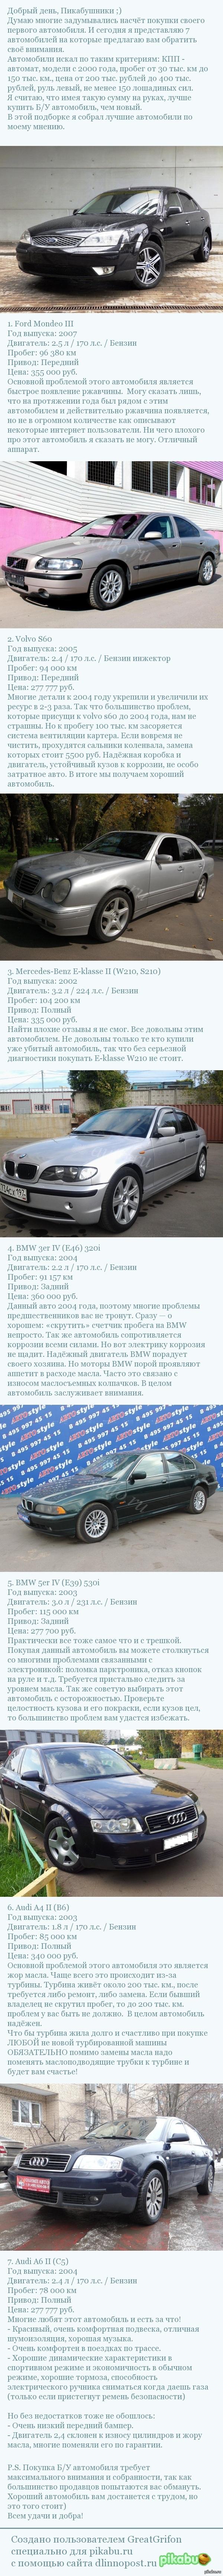 Подборка Б/У автомобилей Длиннопост